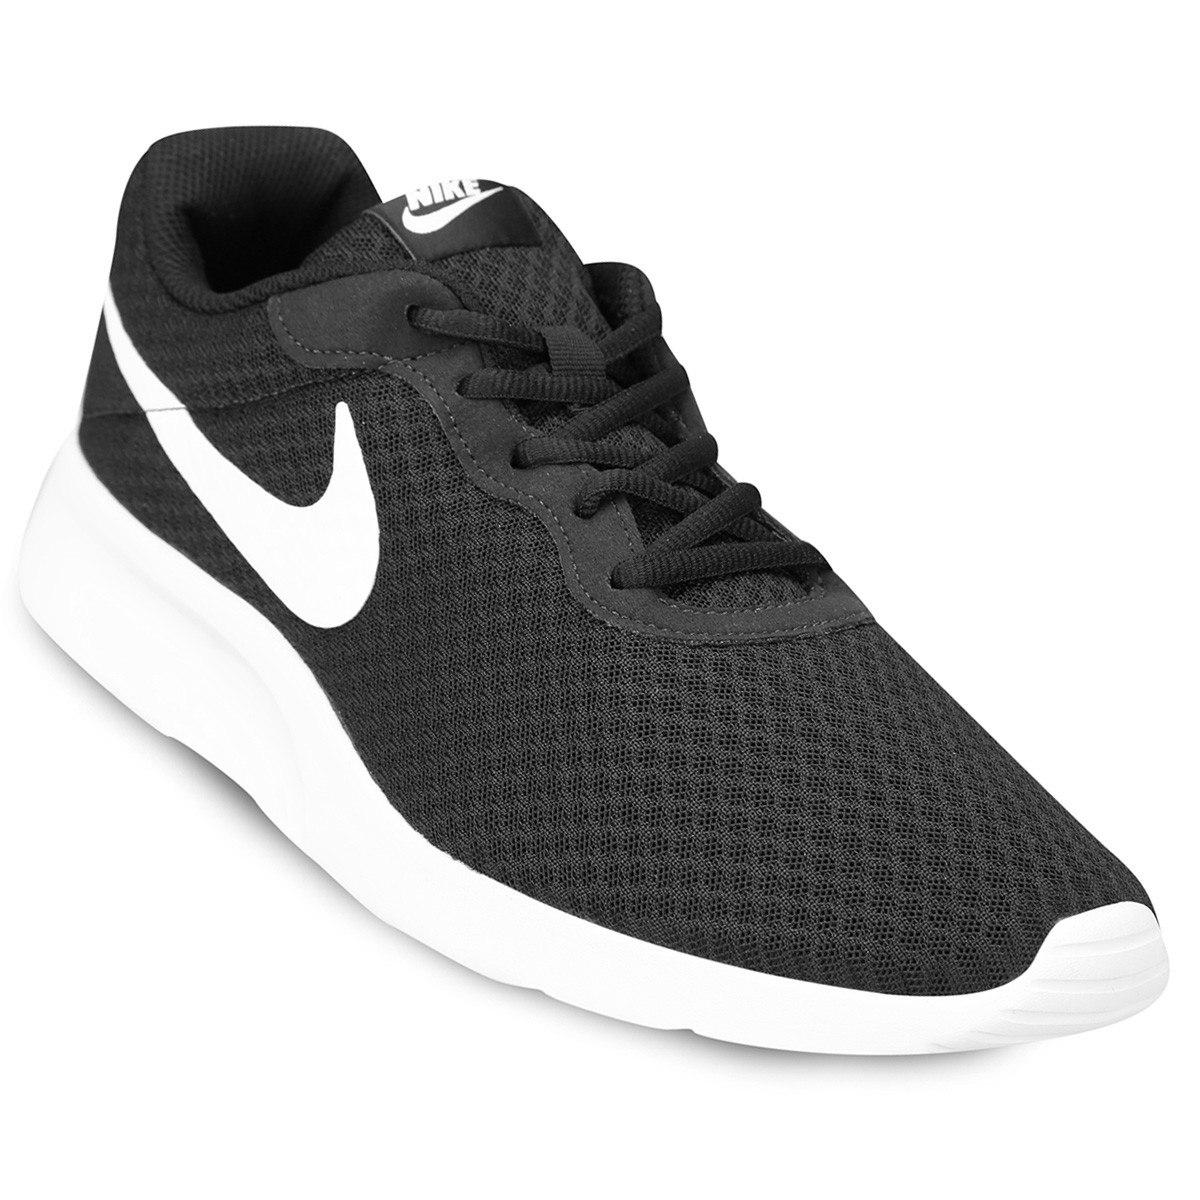 952db208250bb Características. Marca Nike  Modelo Tanjun  Género Hombre  Estilo Urbano   Material del calzado Poliéster  Tipo de calzado Zapatilla